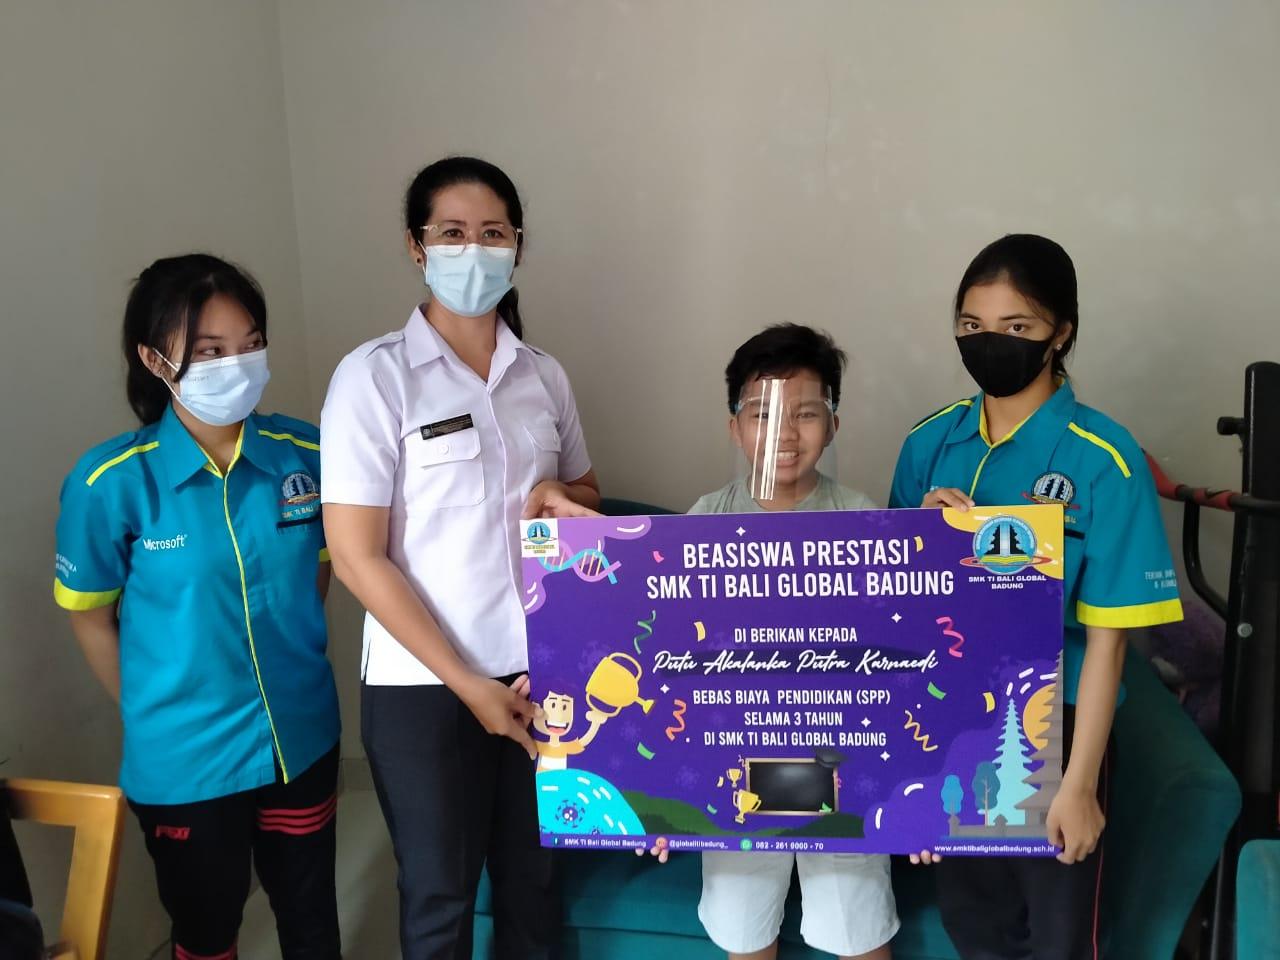 TIM SMK TI Bali Global Badung saat menyambangi Putu Akalanka Putra Karnaedi siswa kelas VI SDN 7 Benoa, Kuta Selatan, Badung, yang viral karena prestasi dan kreativitasnya membuat animasi edukasi. Foto: ist